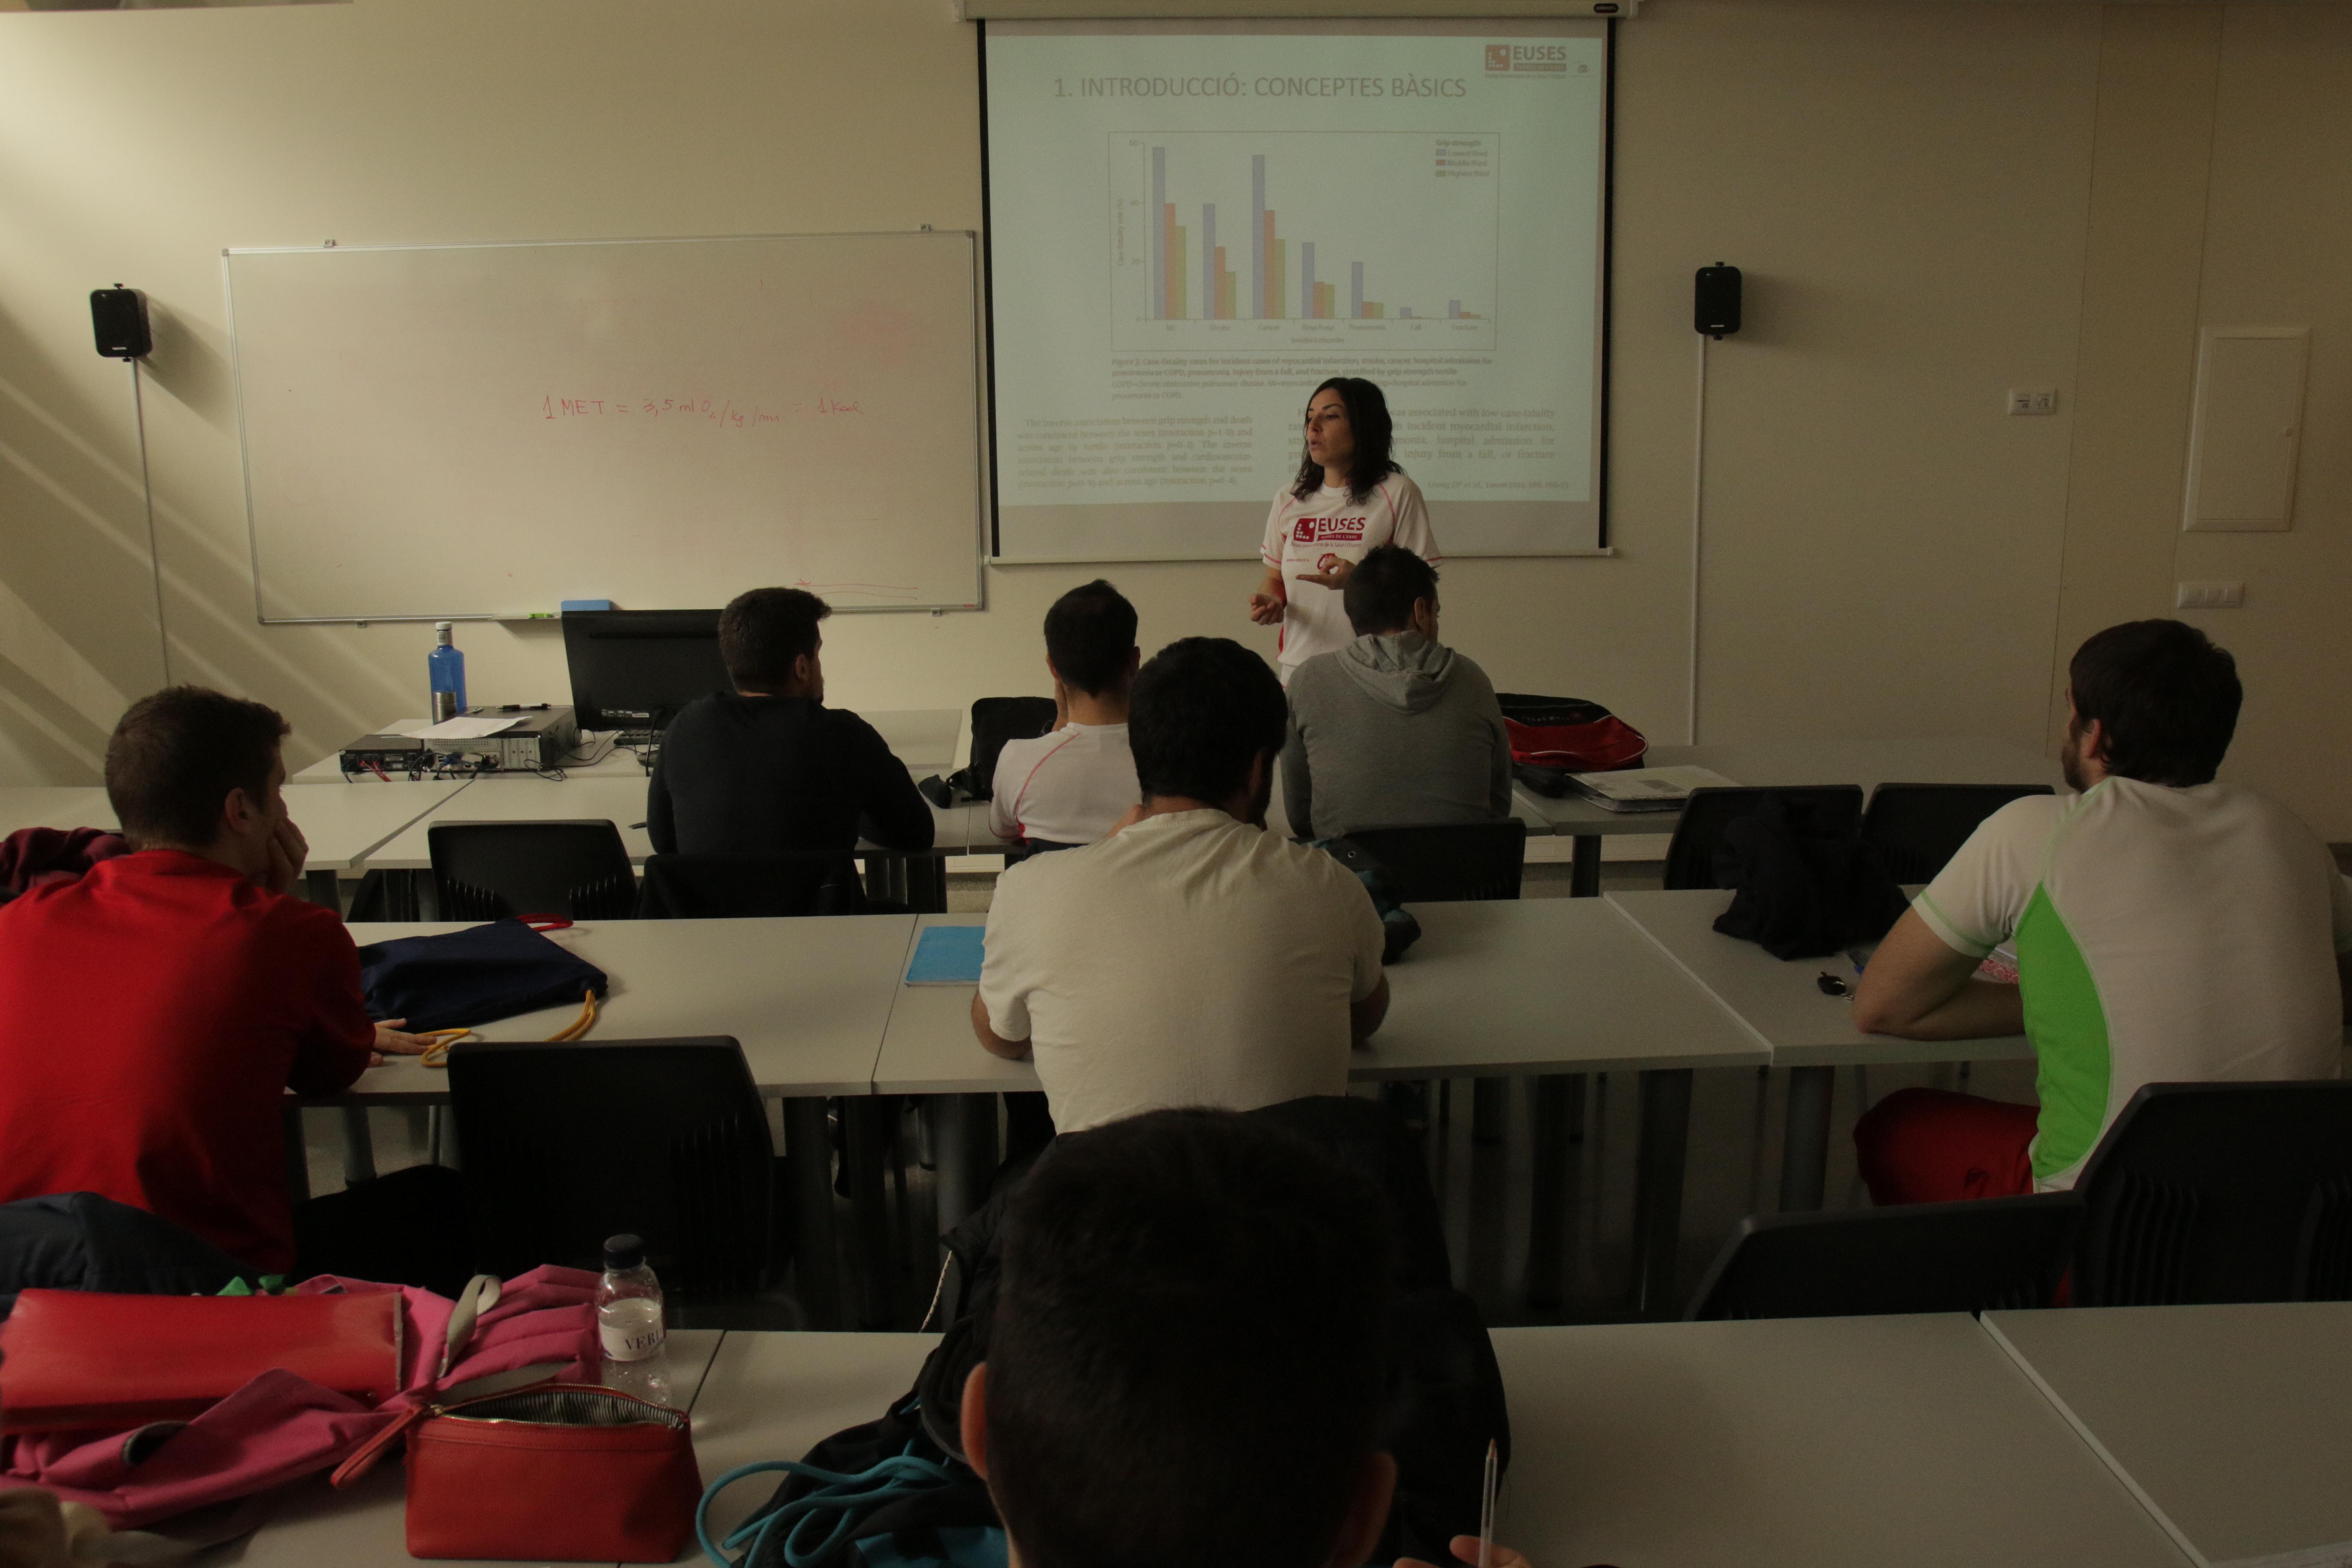 Forma't amb un equip docent de qualitat i amb àmplies habilitats pedagògiques, estudiant el Grau en Ciències de l'Activitat Física i de l'Esport a EUSES Terres de l'Ebre